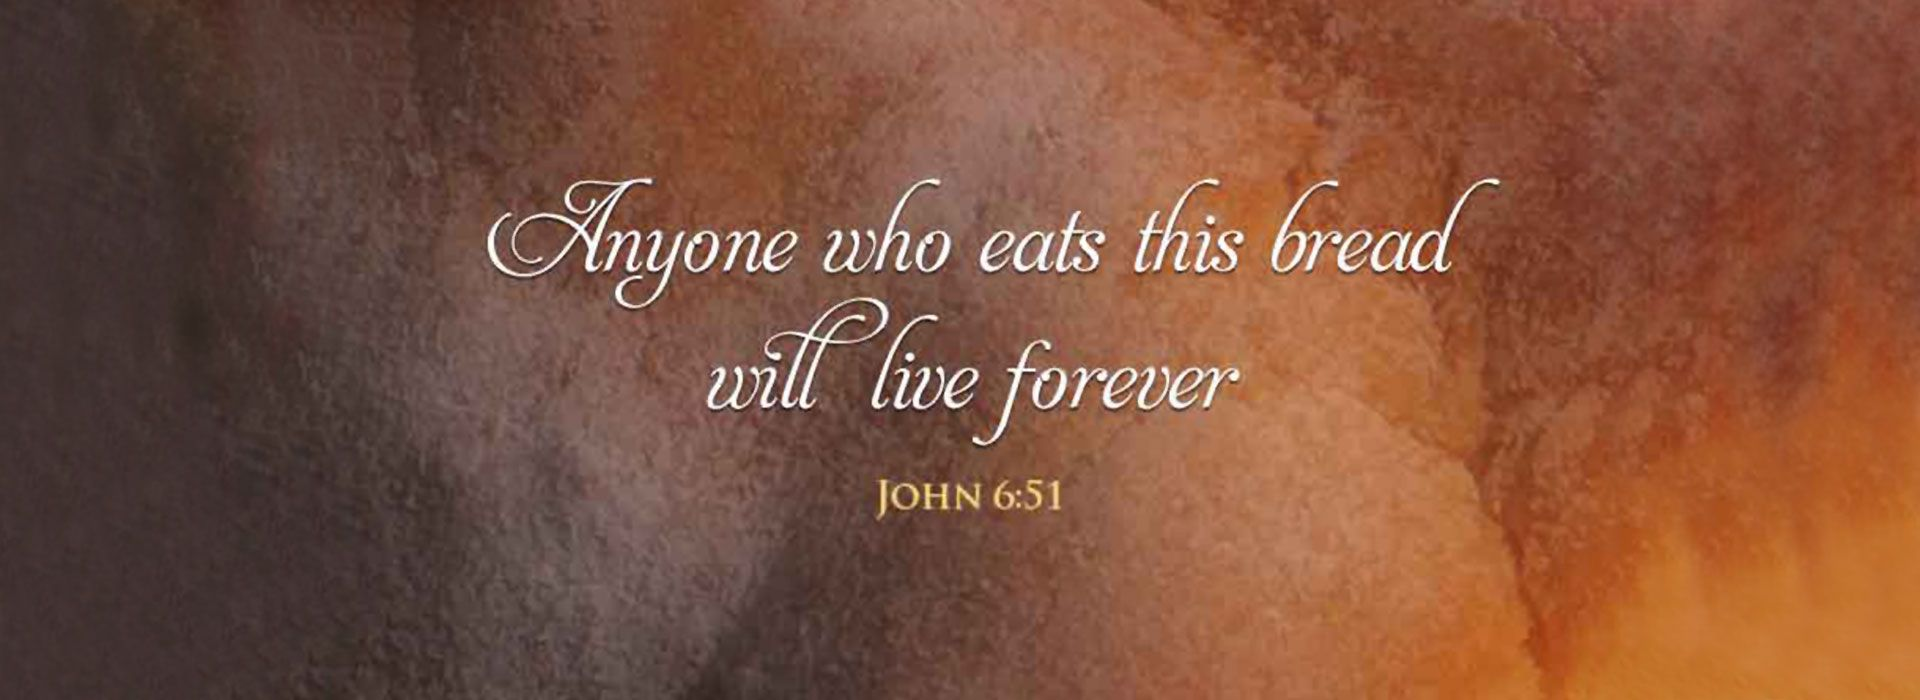 John 6:51